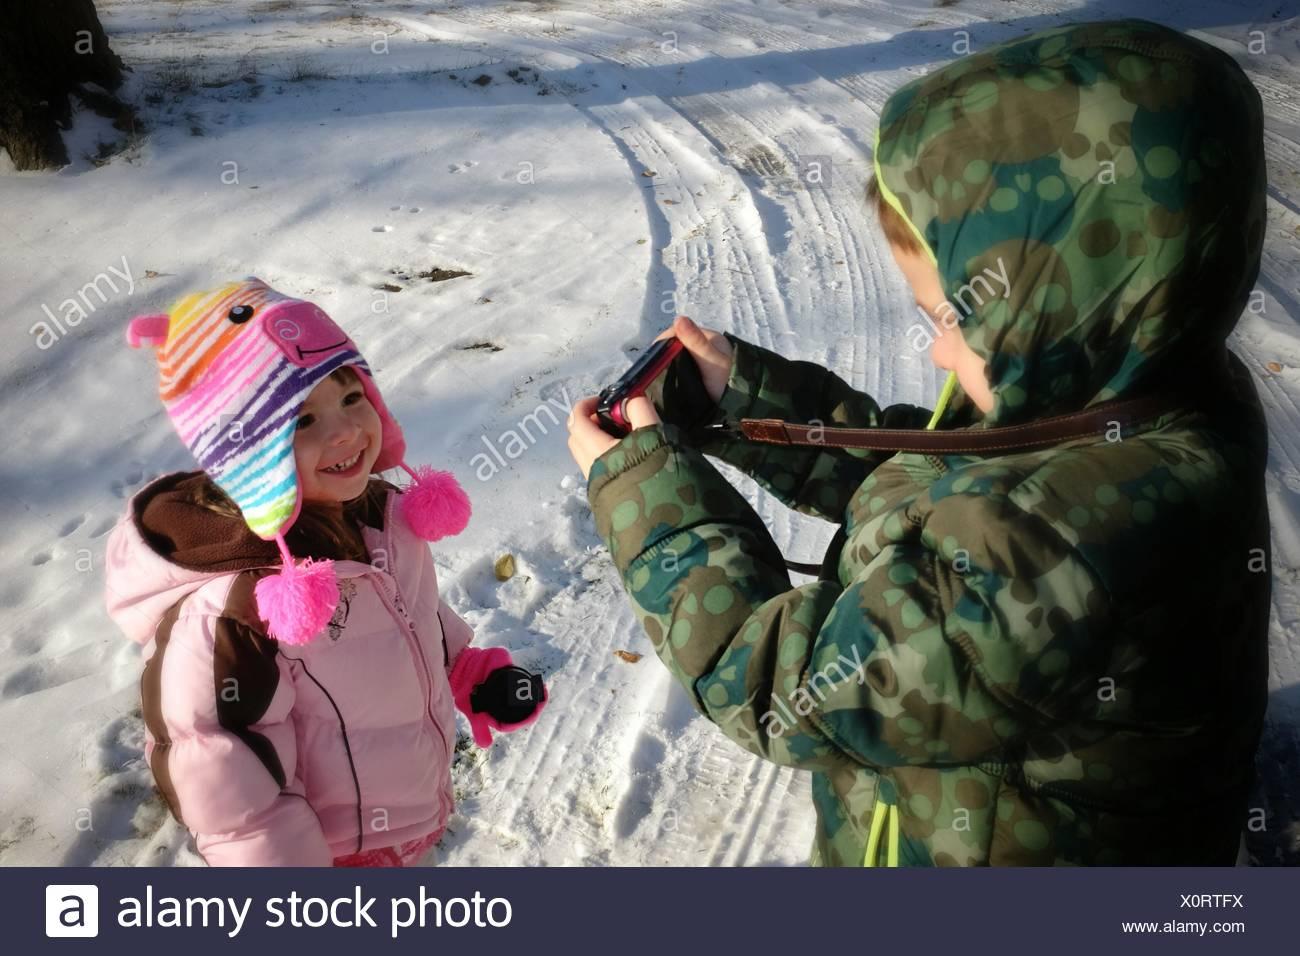 Bruder fotografieren Schwester auf Schnee bedeckt Feld Stockfoto